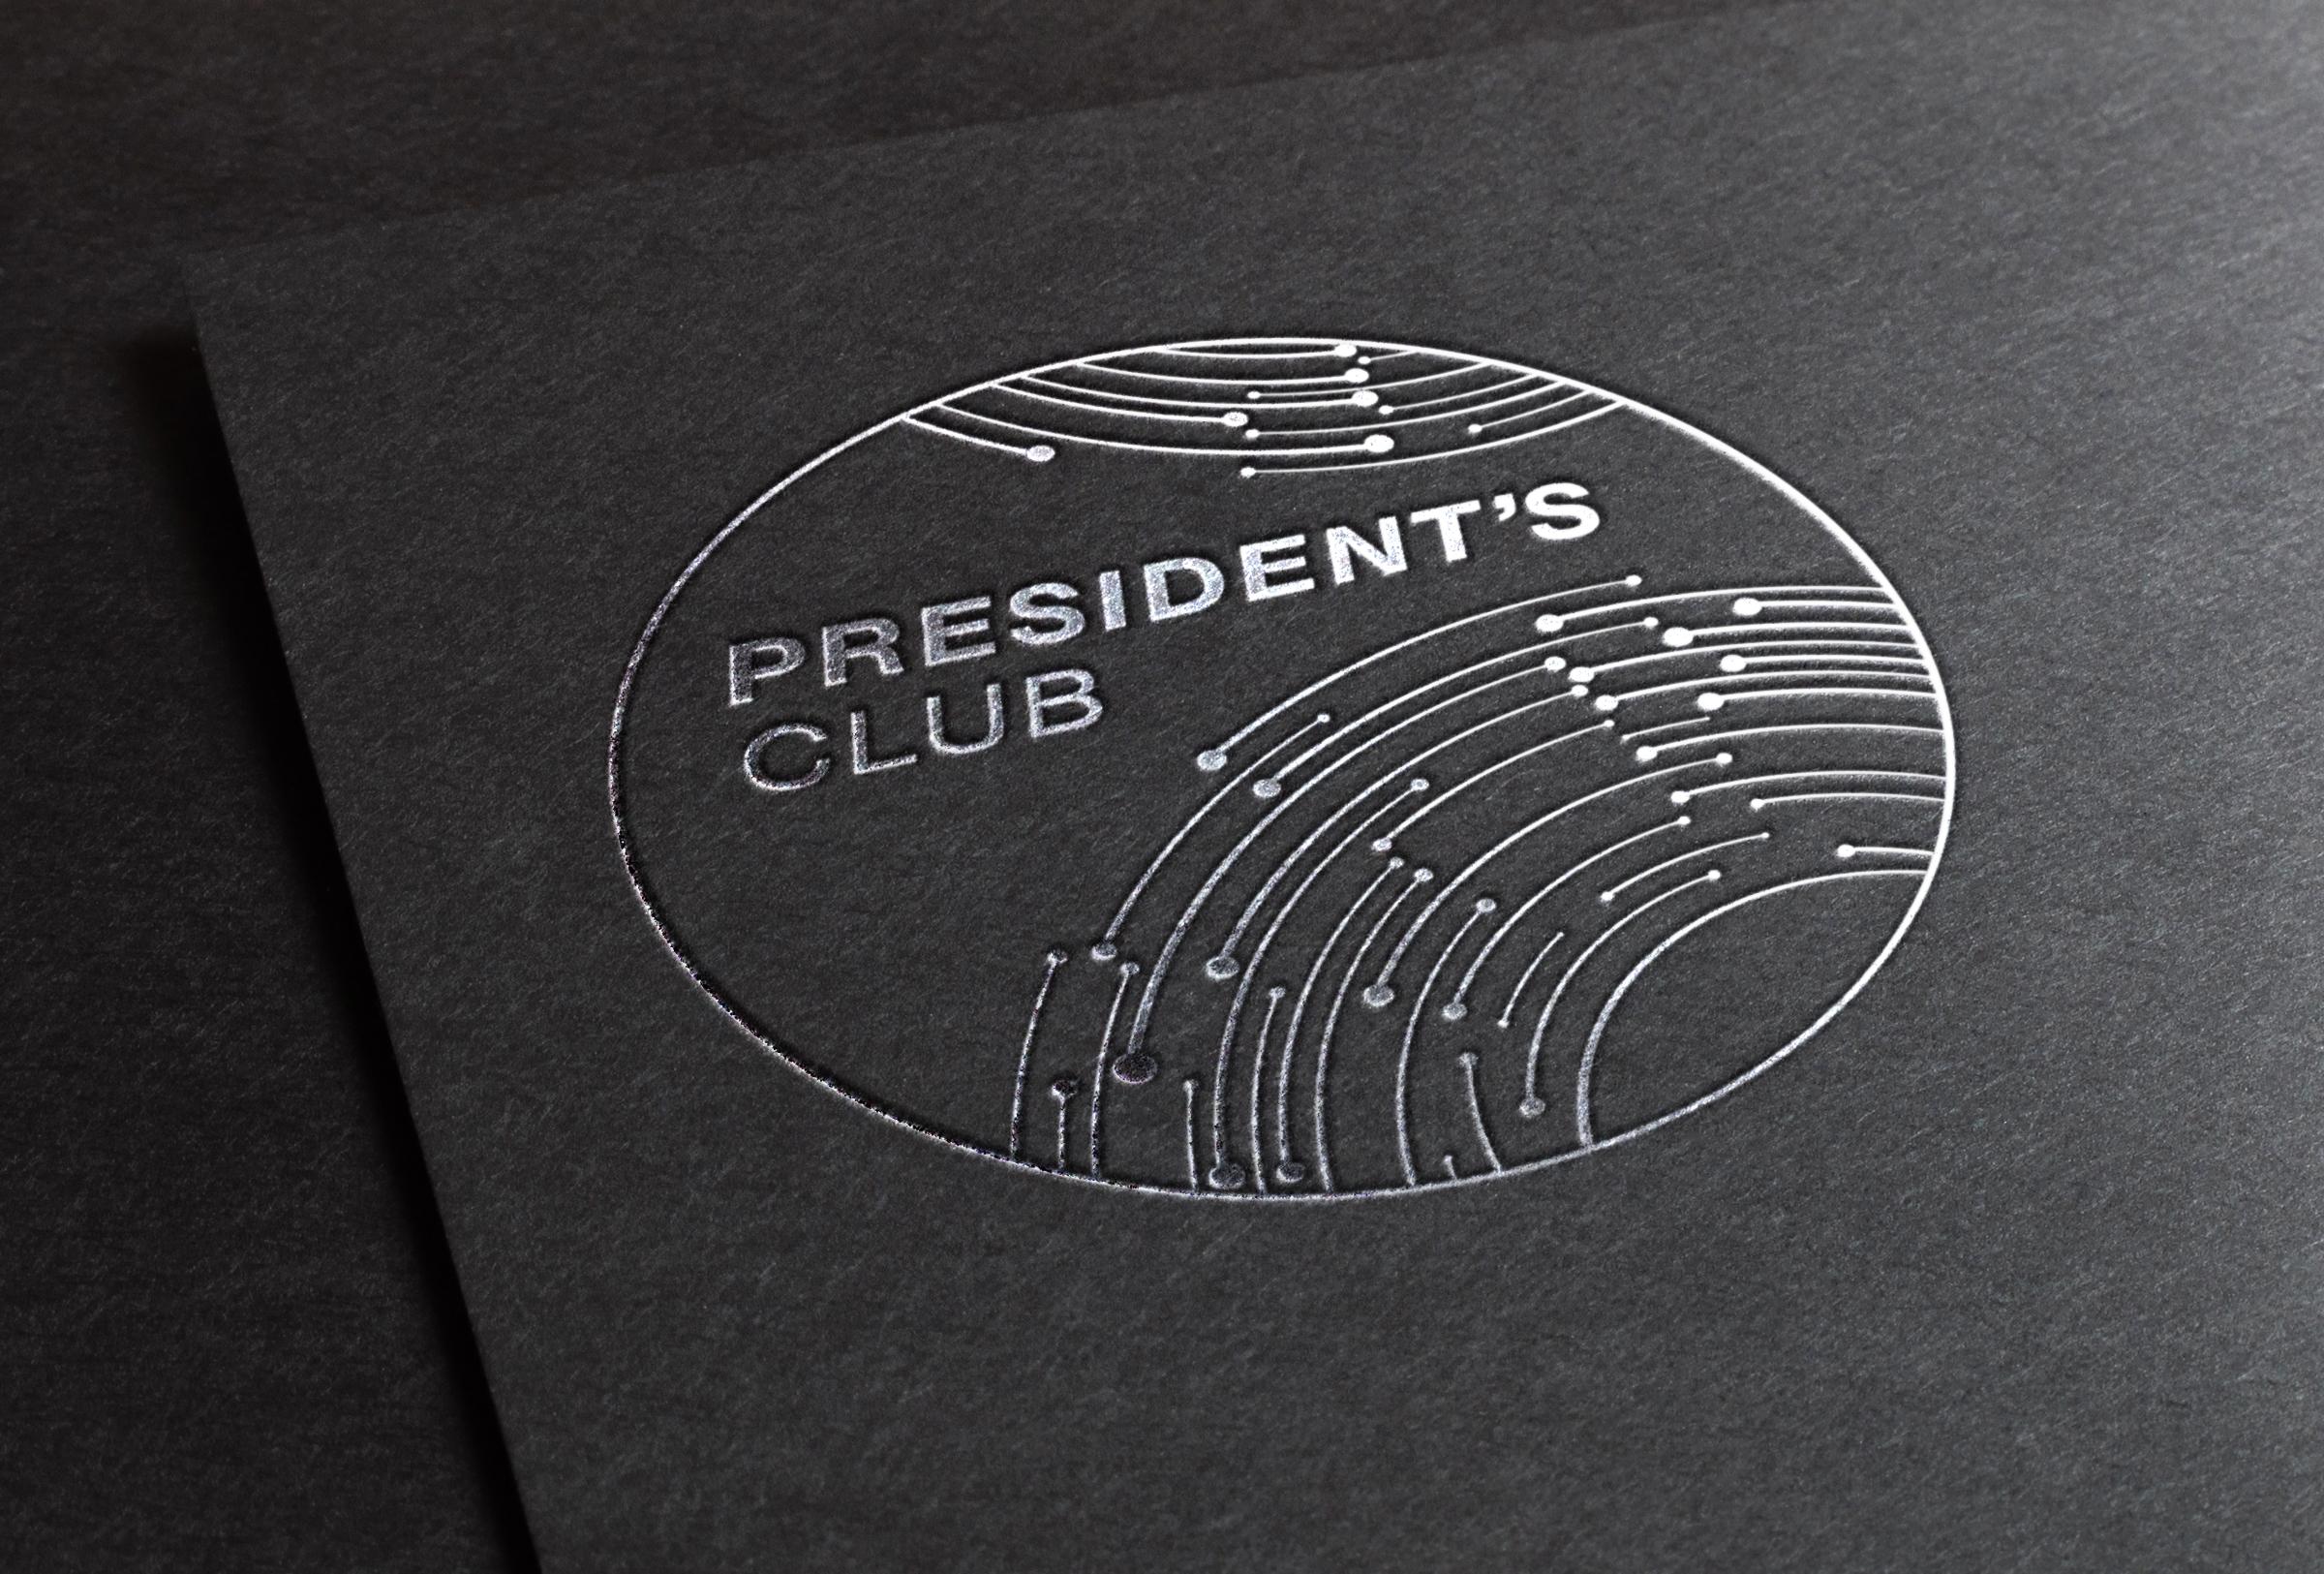 president'sclub_mockup_1.jpg